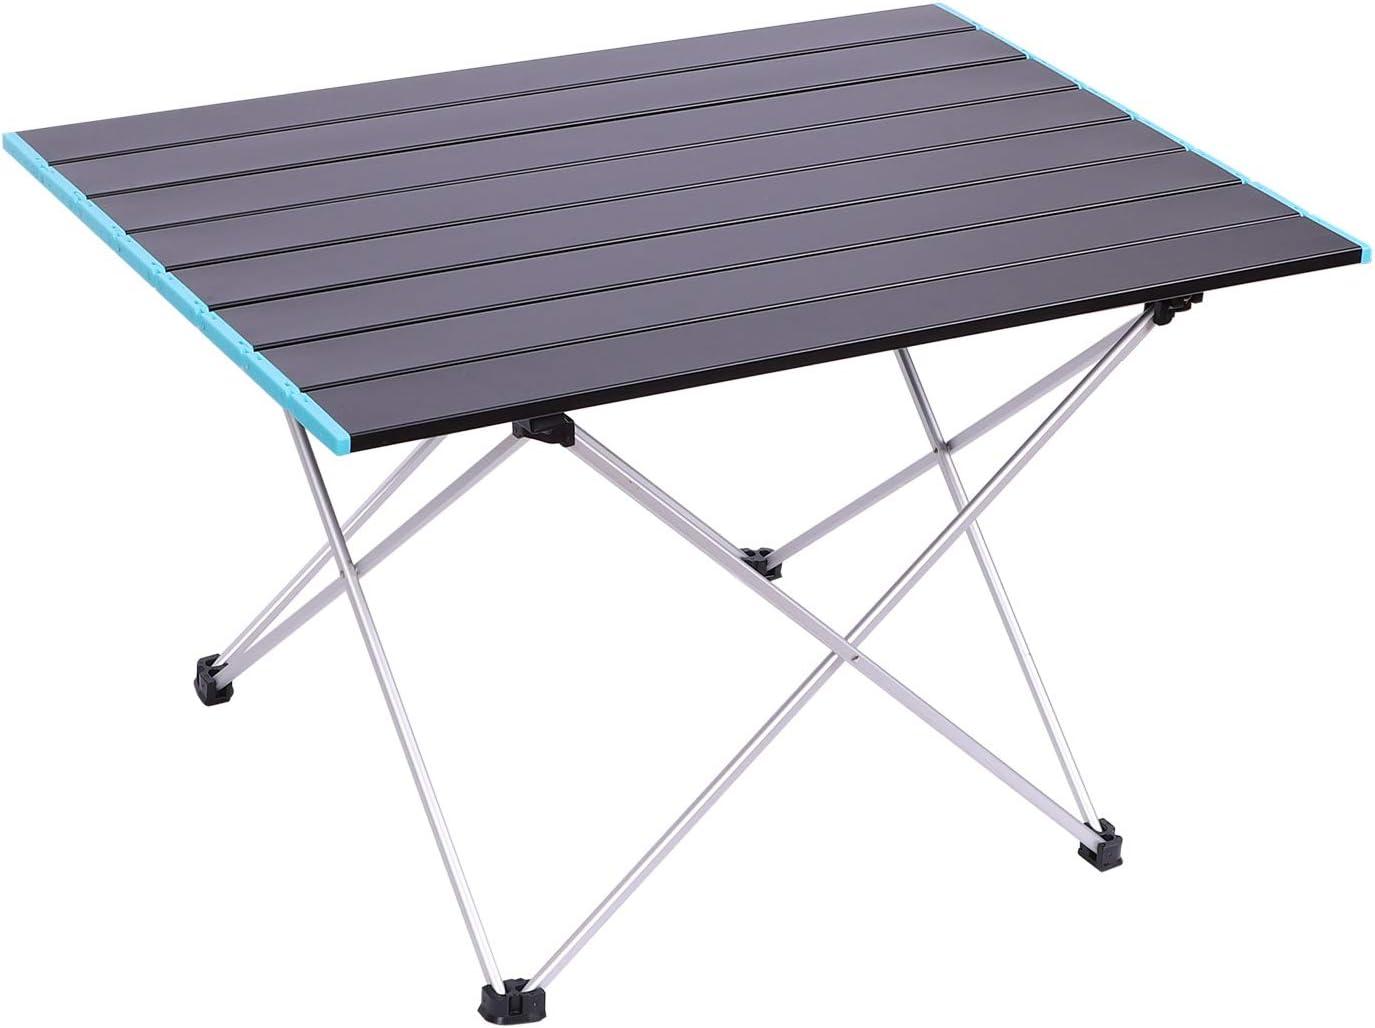 Mesa de camping plegable de aleación de aluminio, mesa baja, jardín, interior, exterior, portátil, con bolsa de transporte, mesa de comer, ligera, para picnic, barbacoa, senderismo, viaje o playa